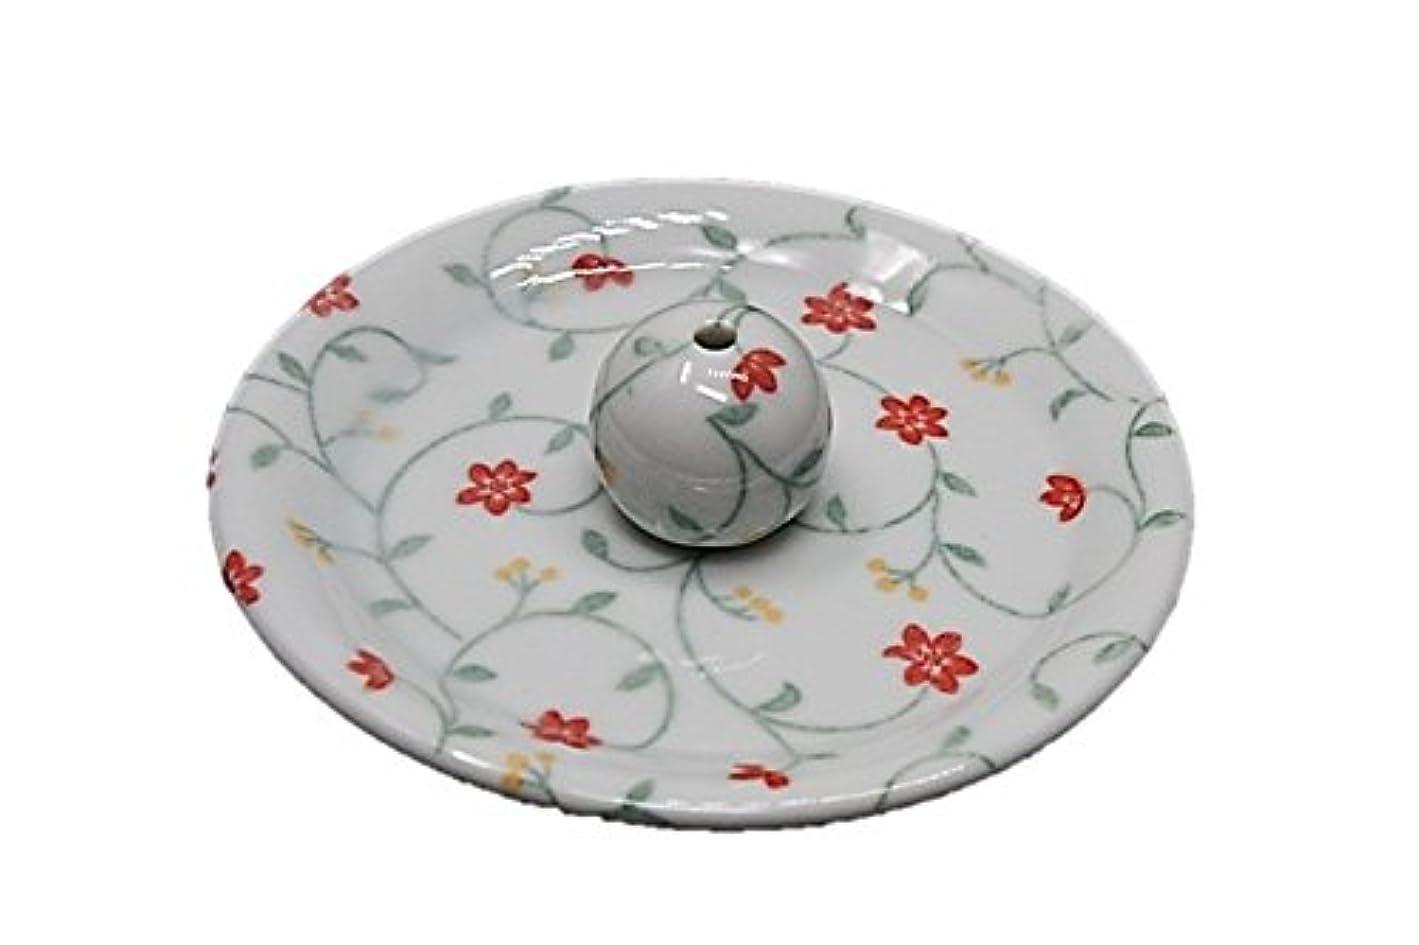 タウポ湖金曜日ではごきげんよう9-33 玉手箱 9cm香皿 お香立て お香たて 陶器 日本製 製造?直売品